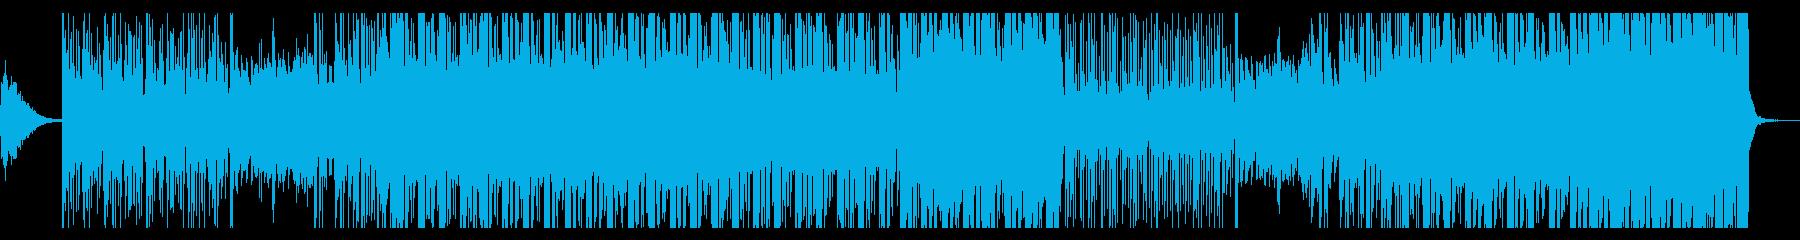 琴や和太鼓を使ったブレイクビーツの再生済みの波形